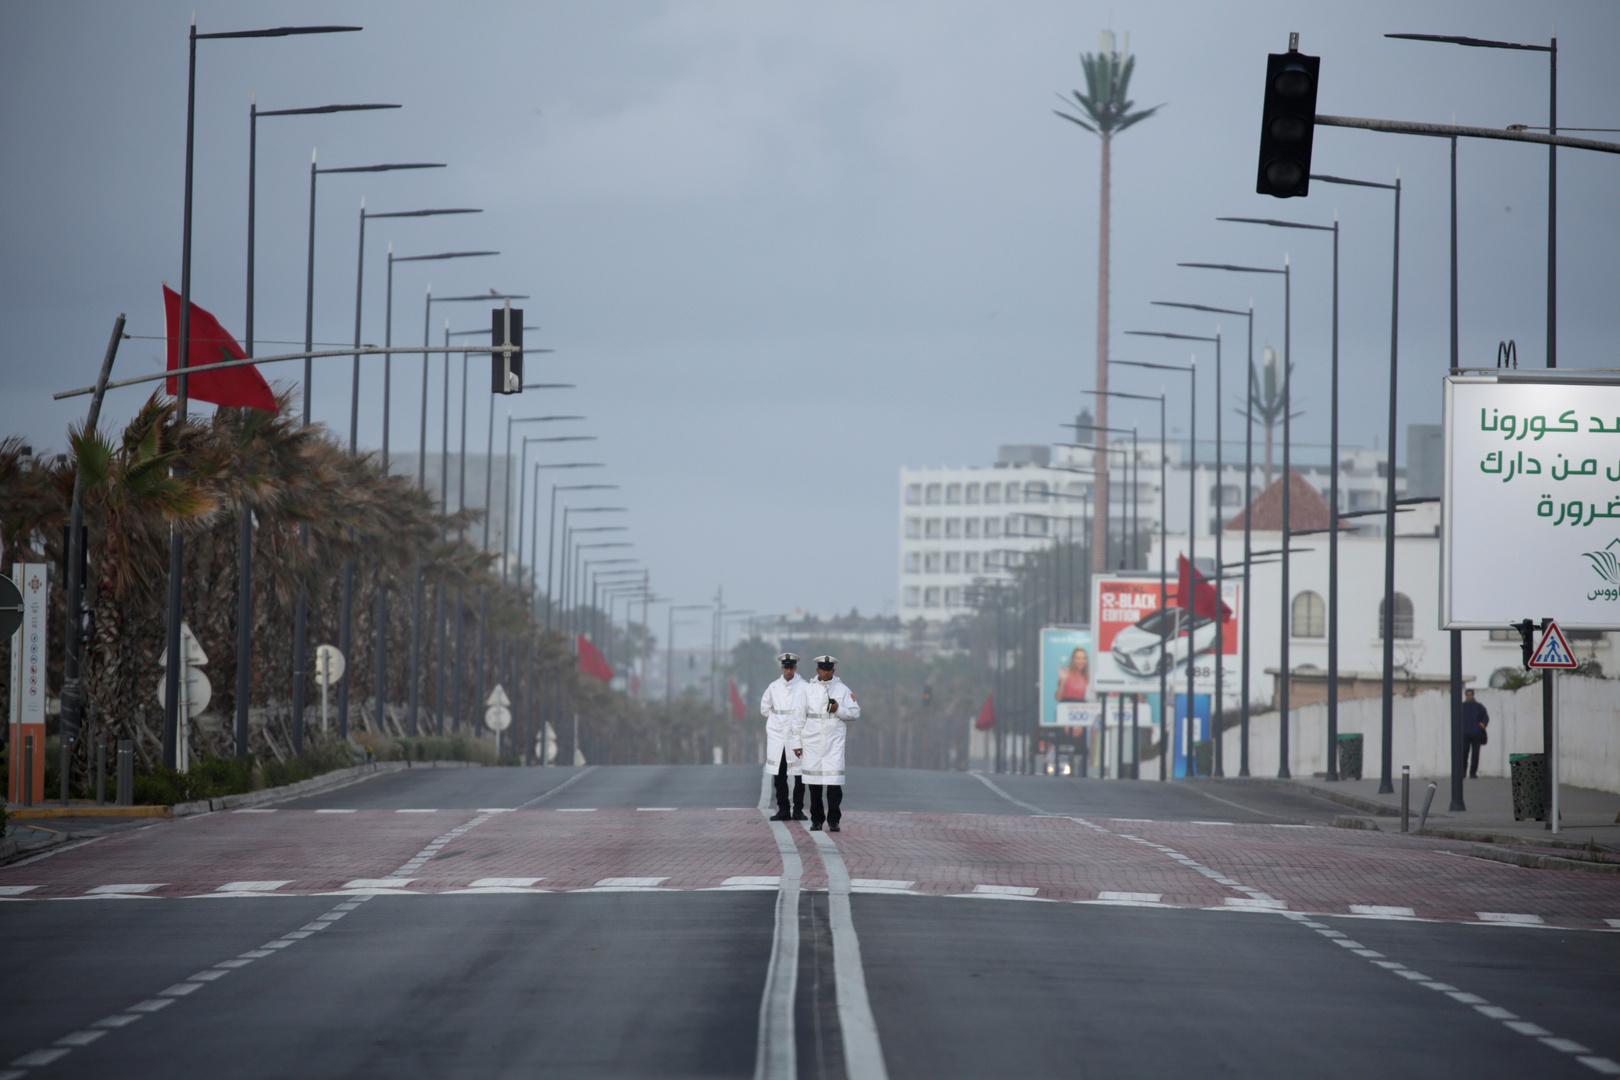 المغرب ينتقل إلى مرحلة ثالثة من تخفيف قيود ردع كورونا